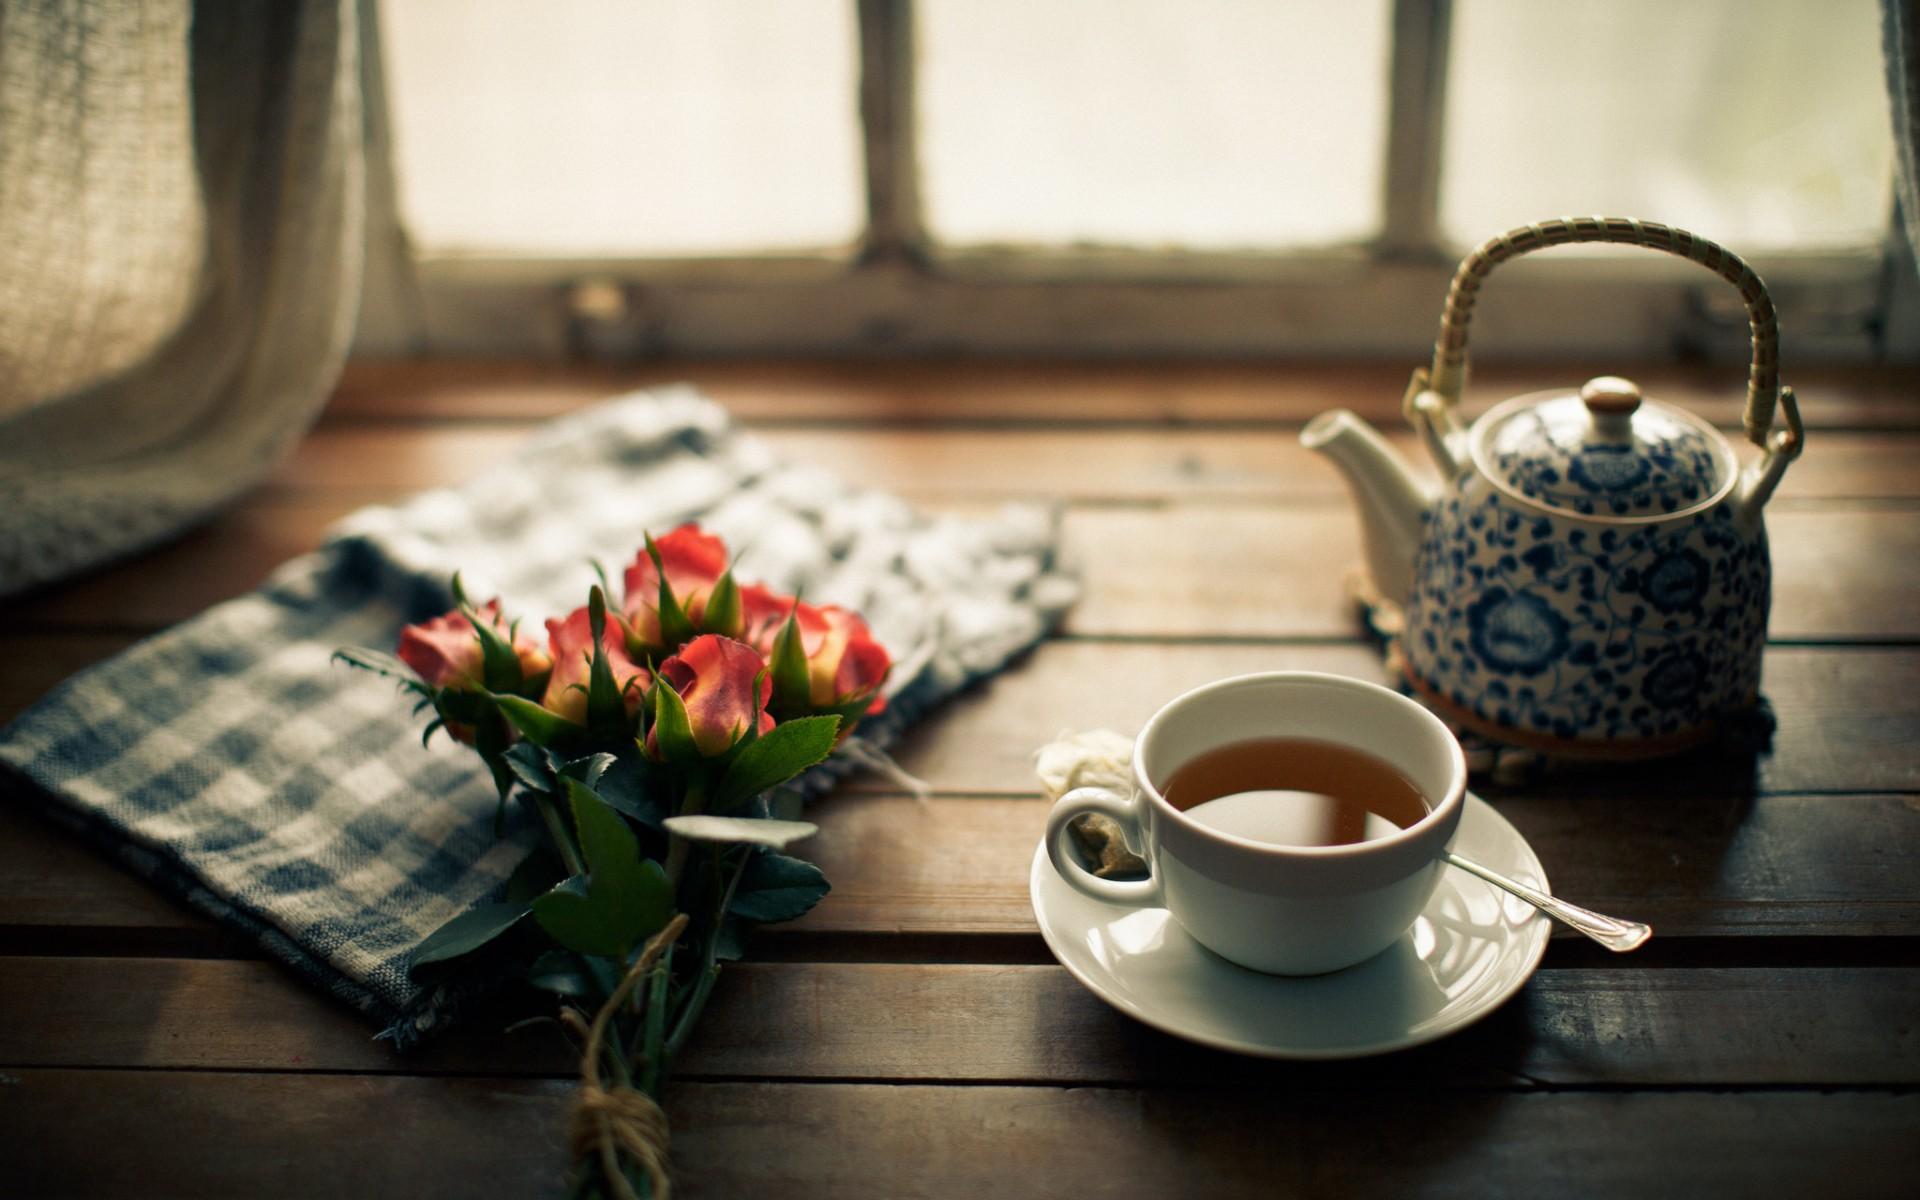 Картинки с утренним кофе и чаем